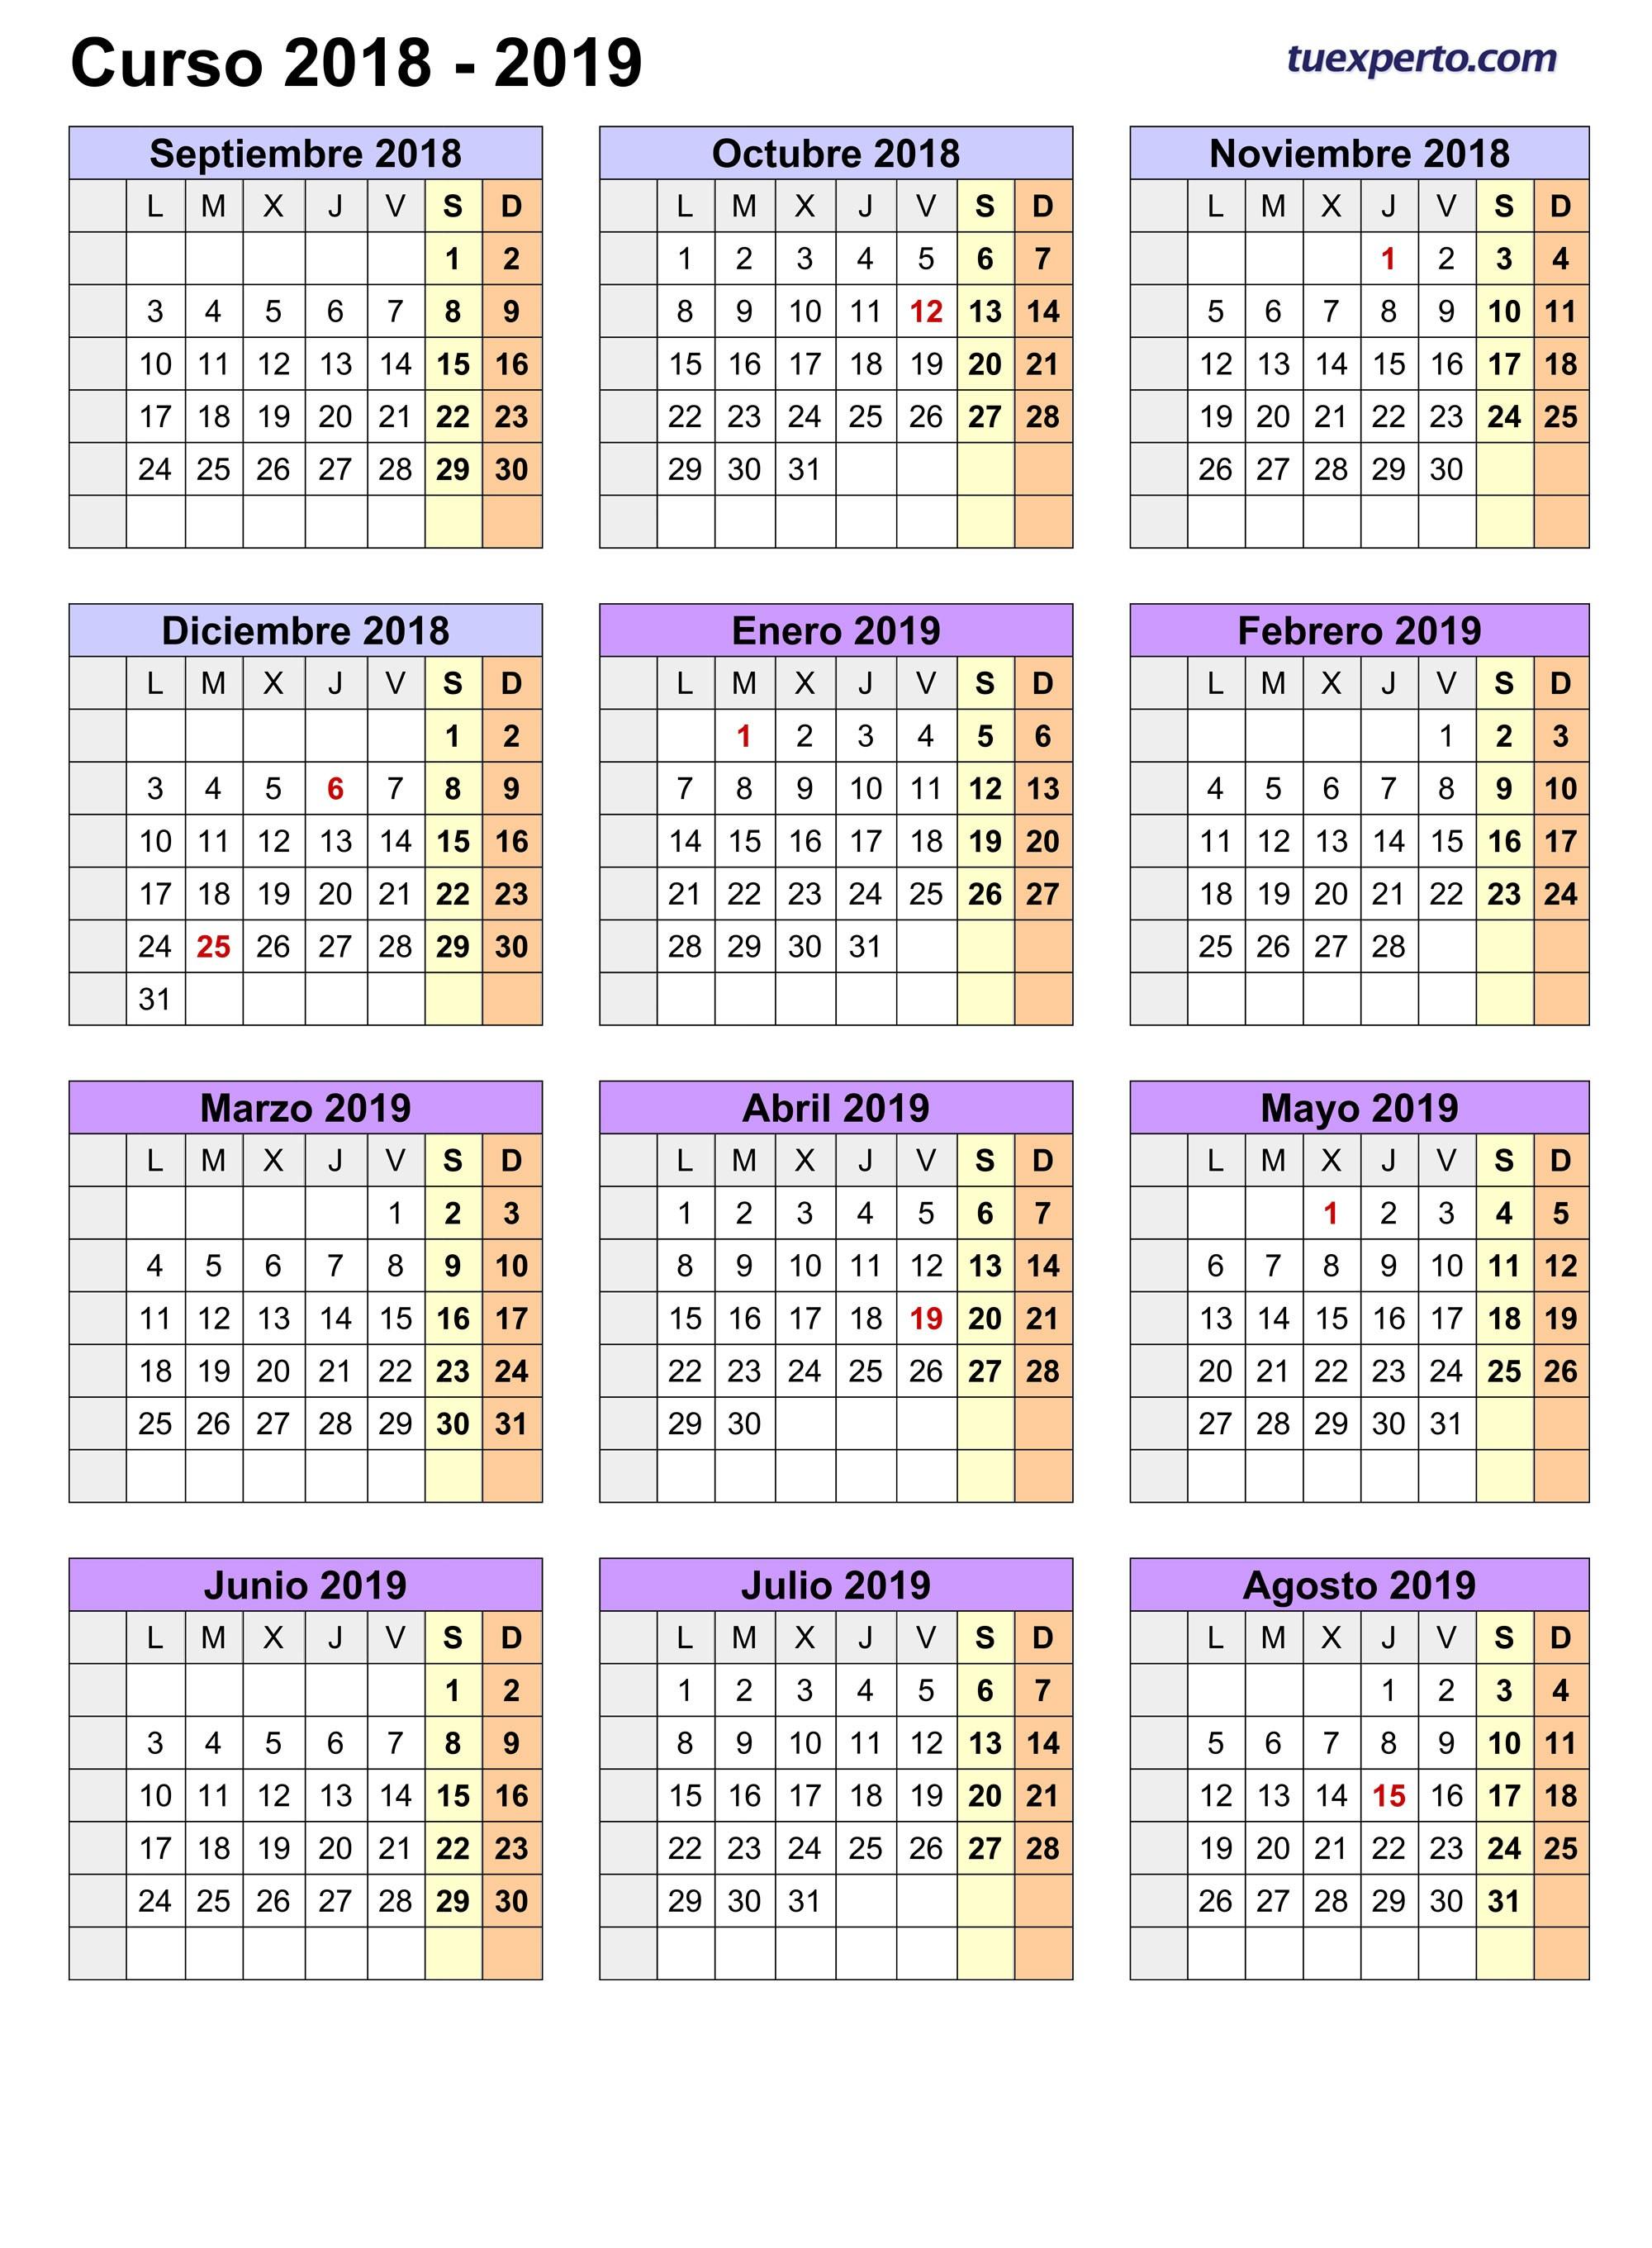 Calendario 2019 Laboral Catalunya Actual Calendario Escolar 2018 2019 Más De 100 Plantillas E Imágenes Para Of Calendario 2019 Laboral Catalunya Actual Calaméo Periodico La Semana 1046